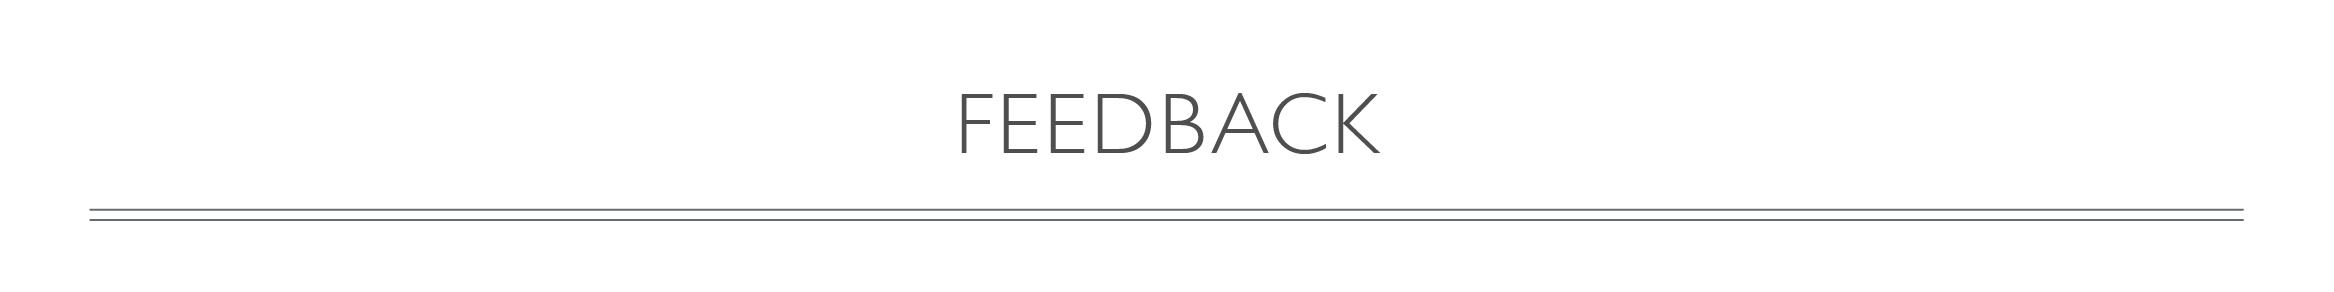 feedback_pg1.png